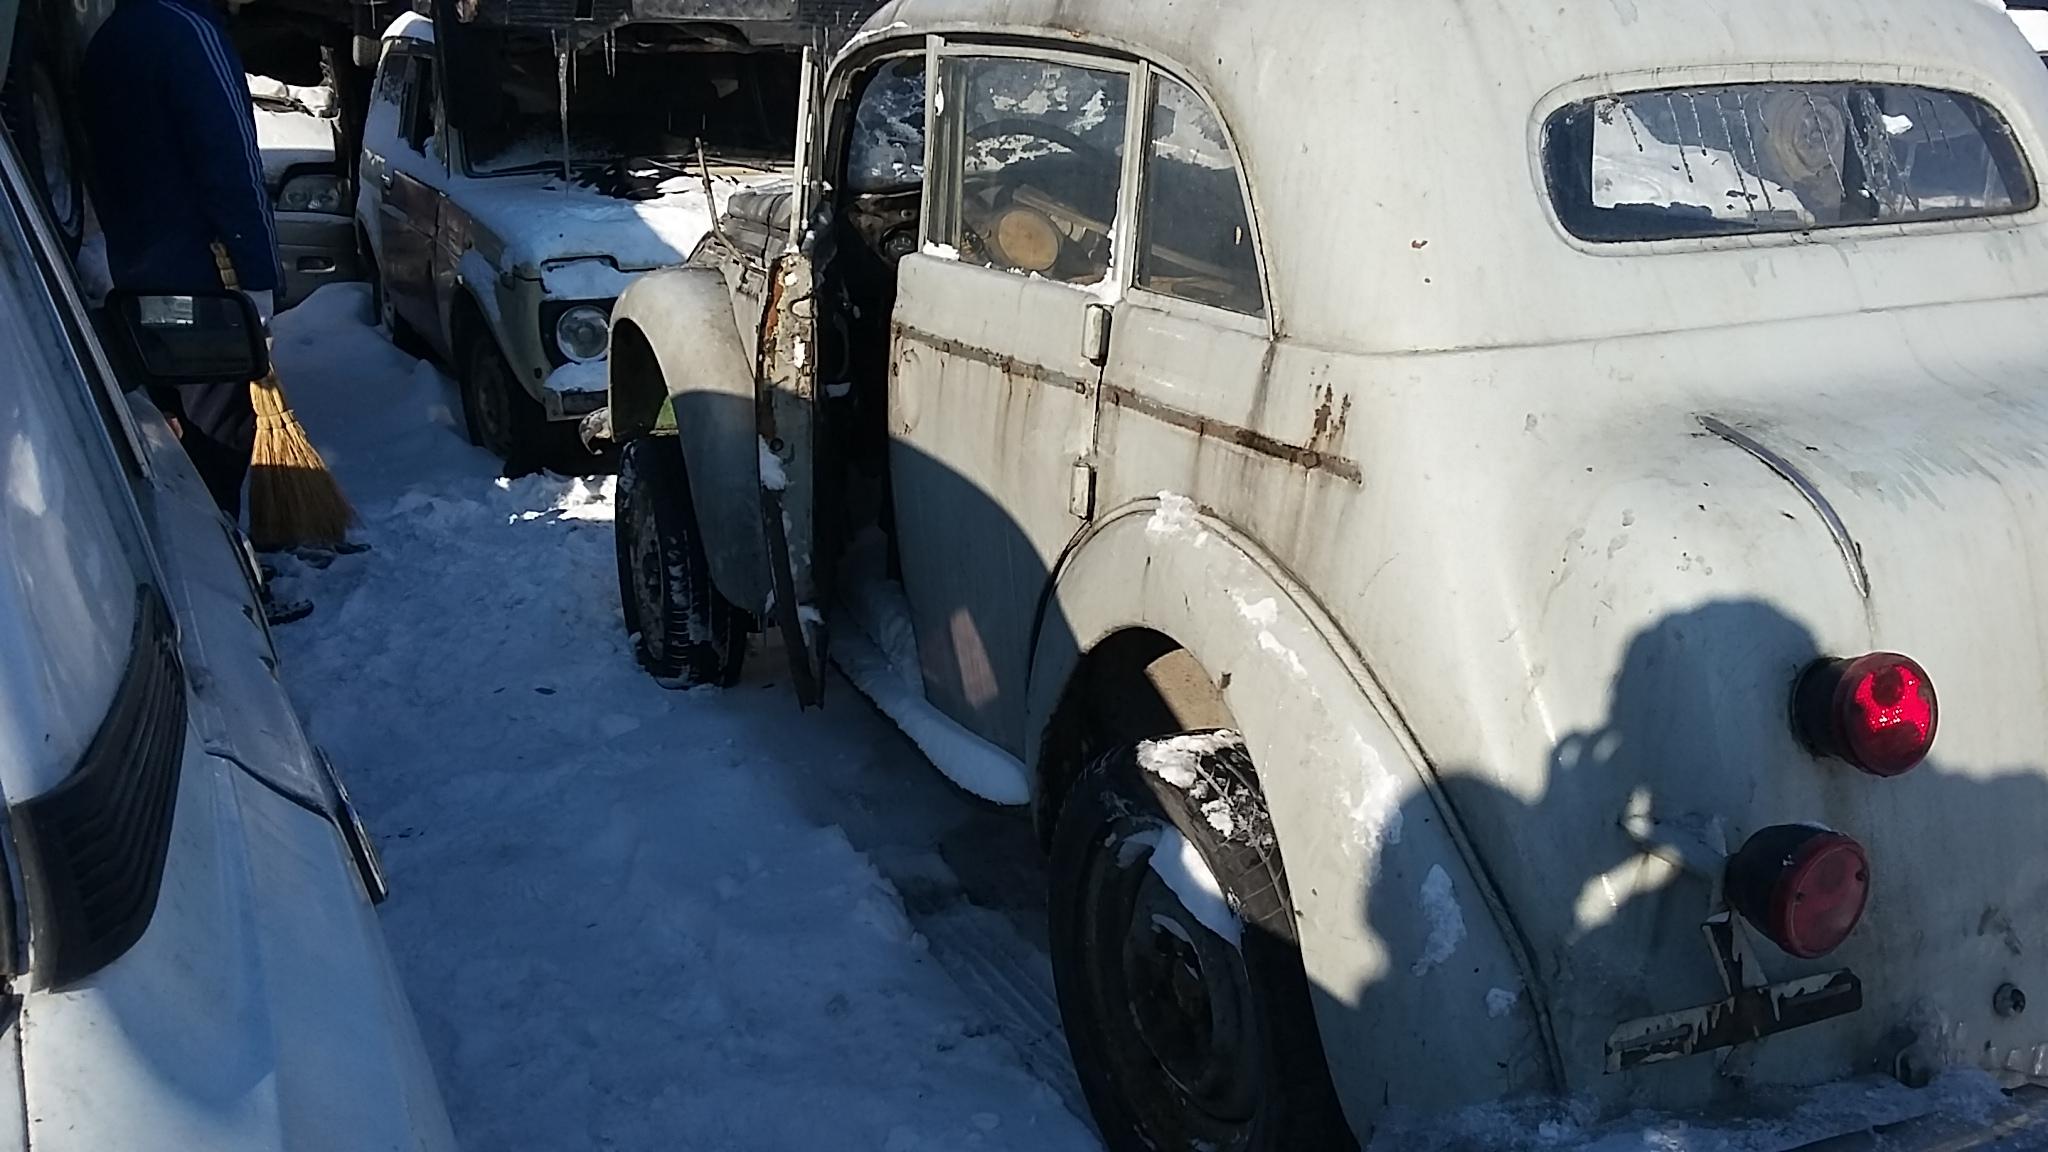 ВКазахстане купе Порш сдали вутиль ради 150 тыс. тенге